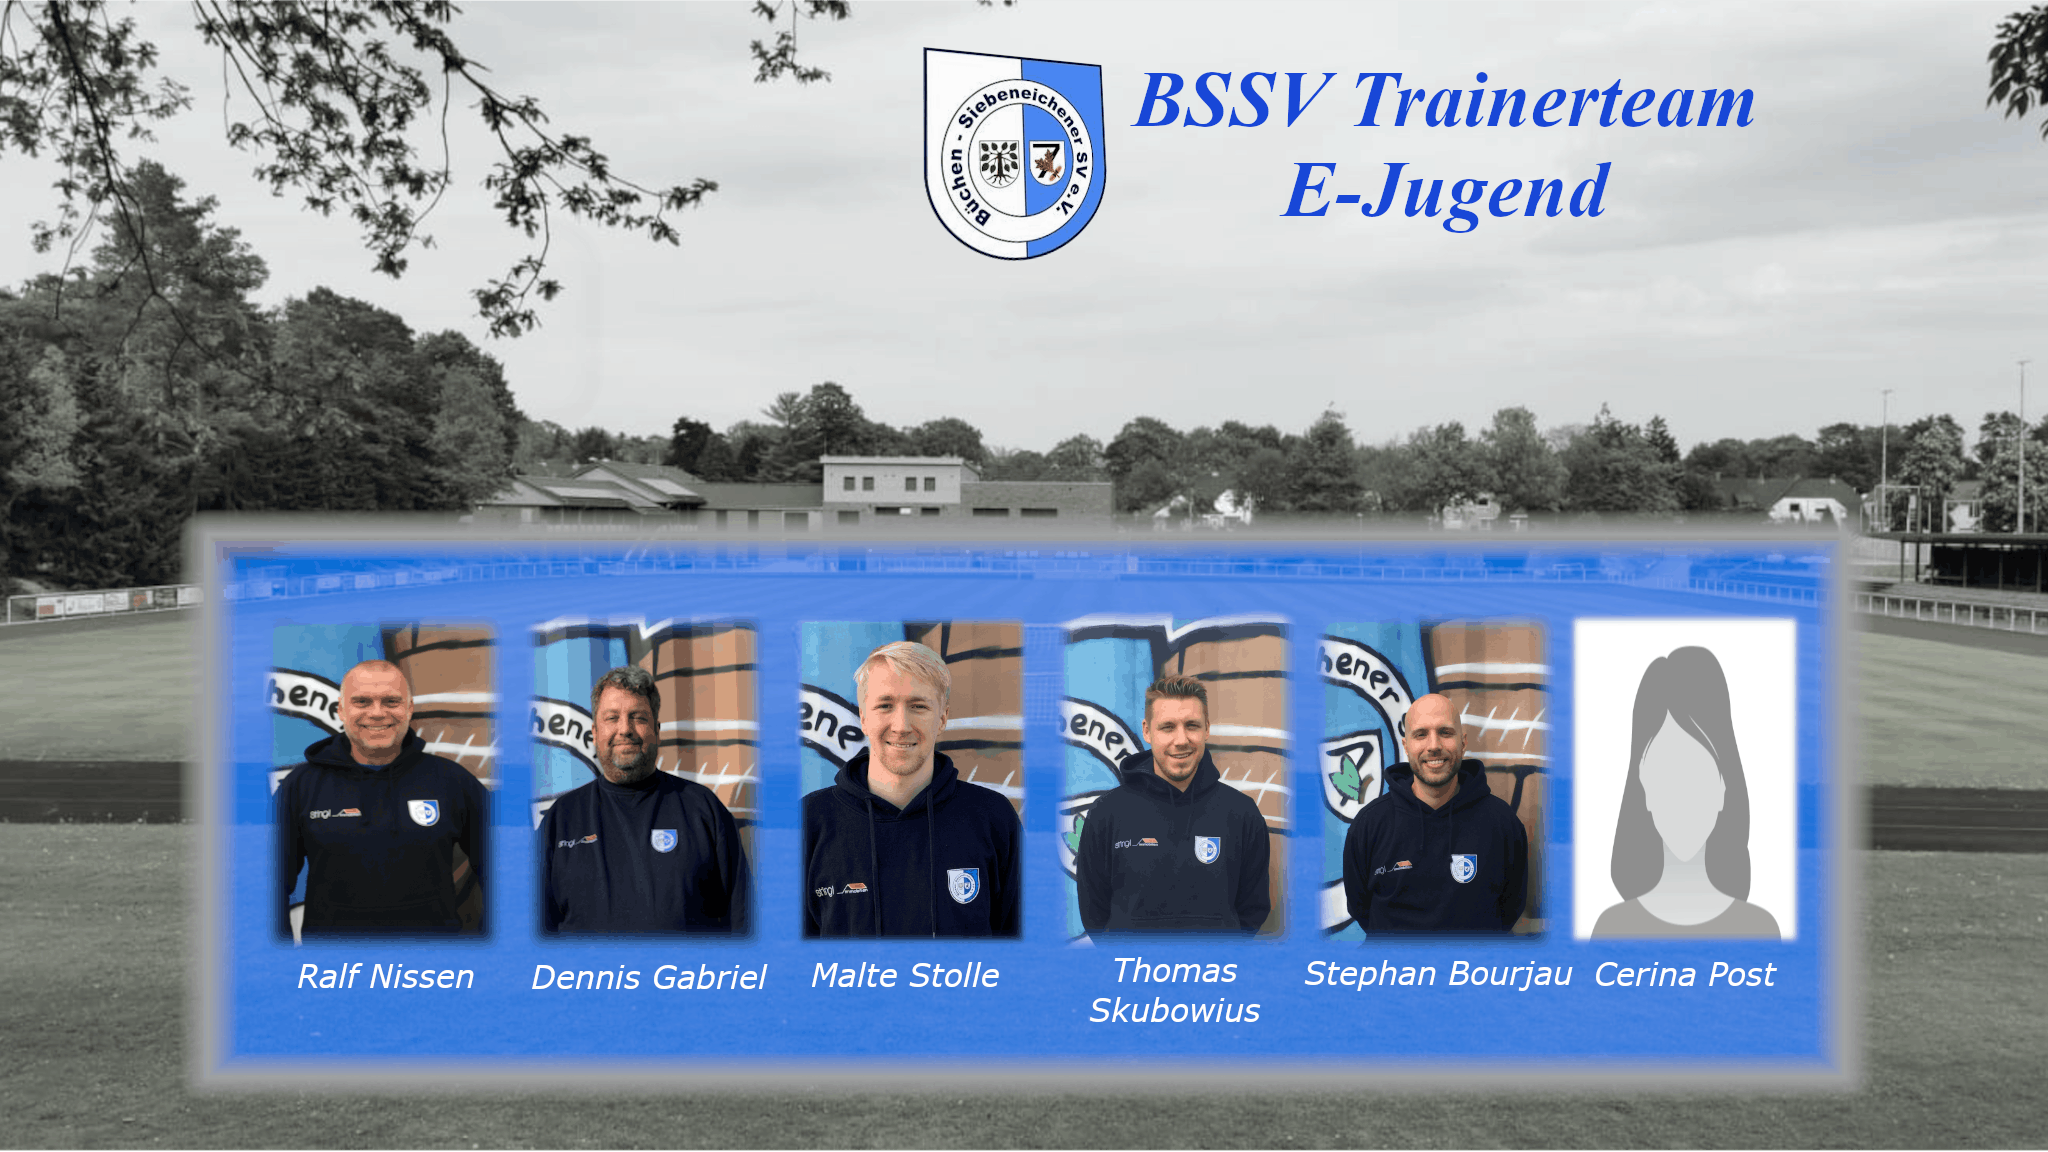 Trainerteam_E_Jugend_BSSV